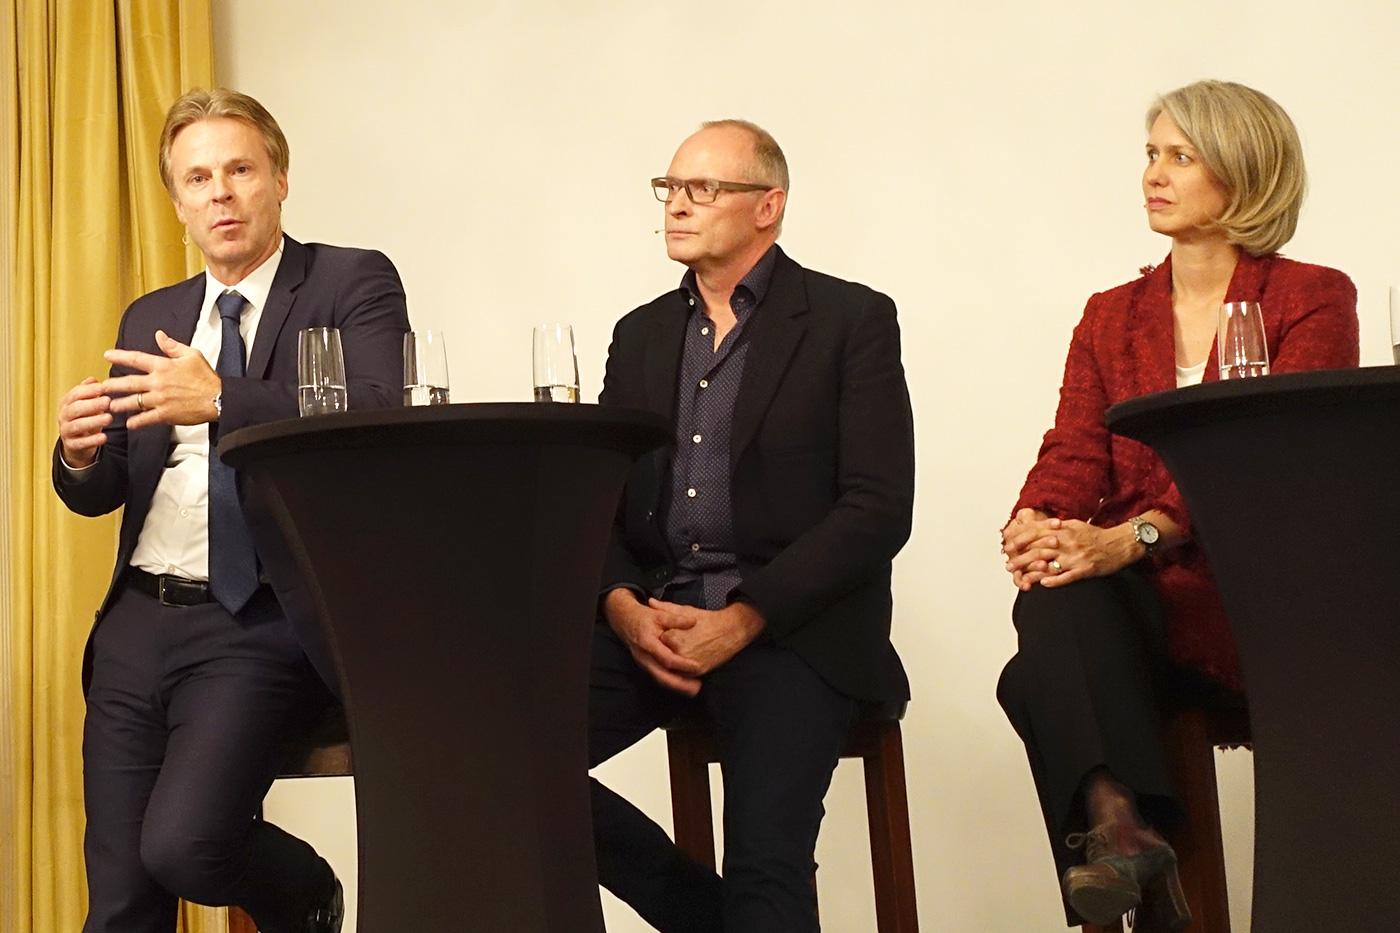 Bucherer-Chef Guido Zumbühl und neben ihm Markus Schulthess (Quartierverein Hirschmatt-Neustadt) und Stadträtin Franziska Bitzi.